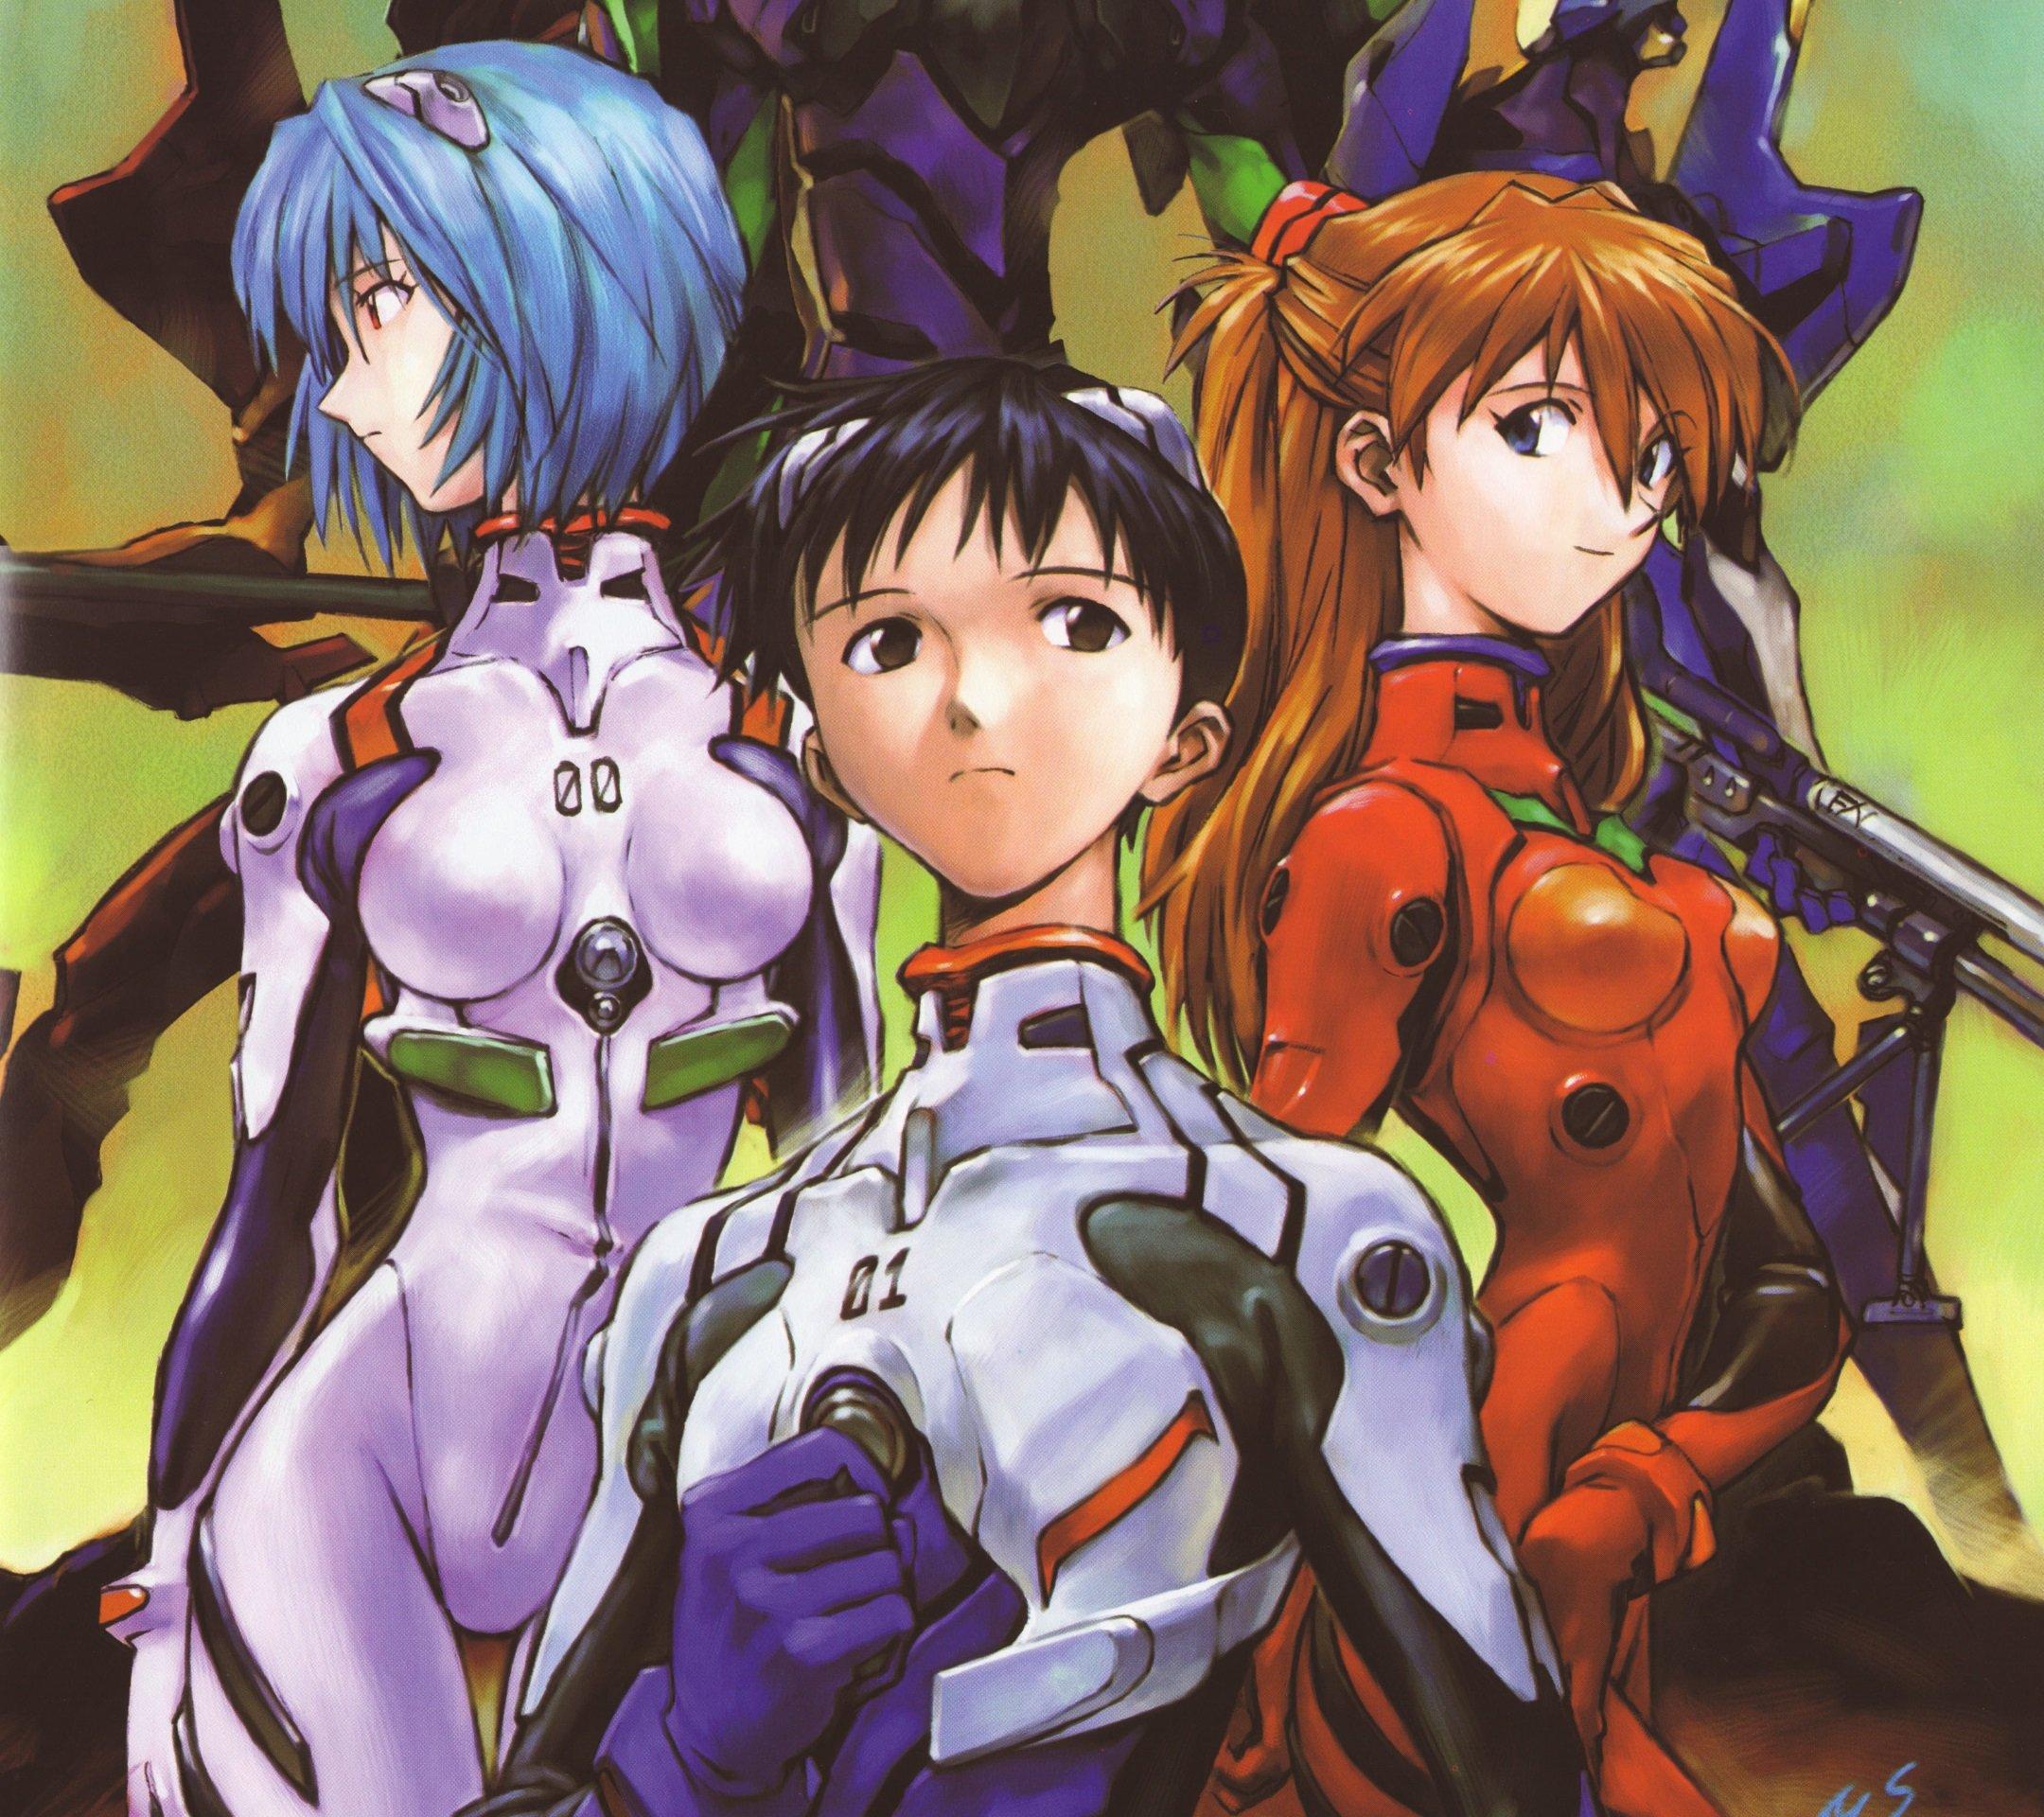 Neon Genesis Evangelion Asuka Langley Soryu Rei Ayanami Shinji Ikari 2160x1920